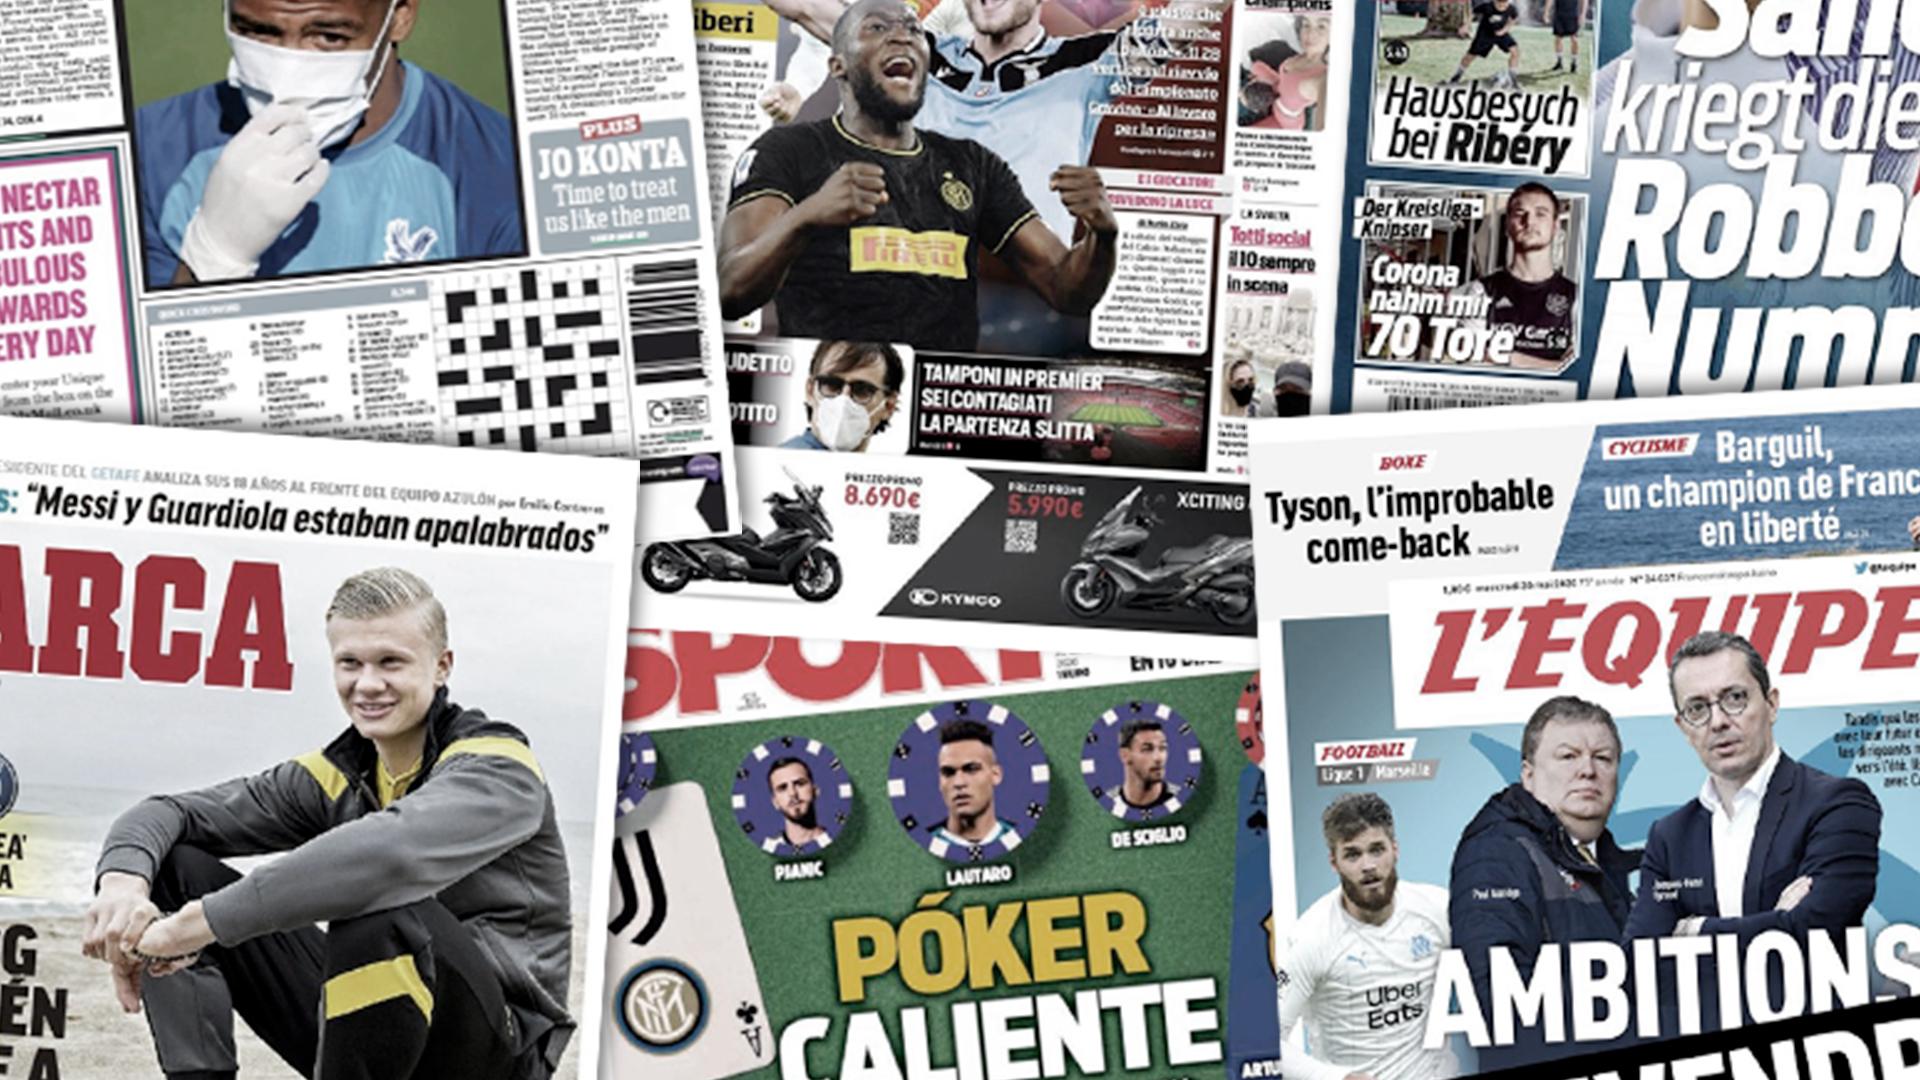 L'Italie délire sur un intérêt du PSG pour Cristiano Ronaldo, les deux nouvelles conditions favorables au transfert de Leroy Sané au Bayern Munich